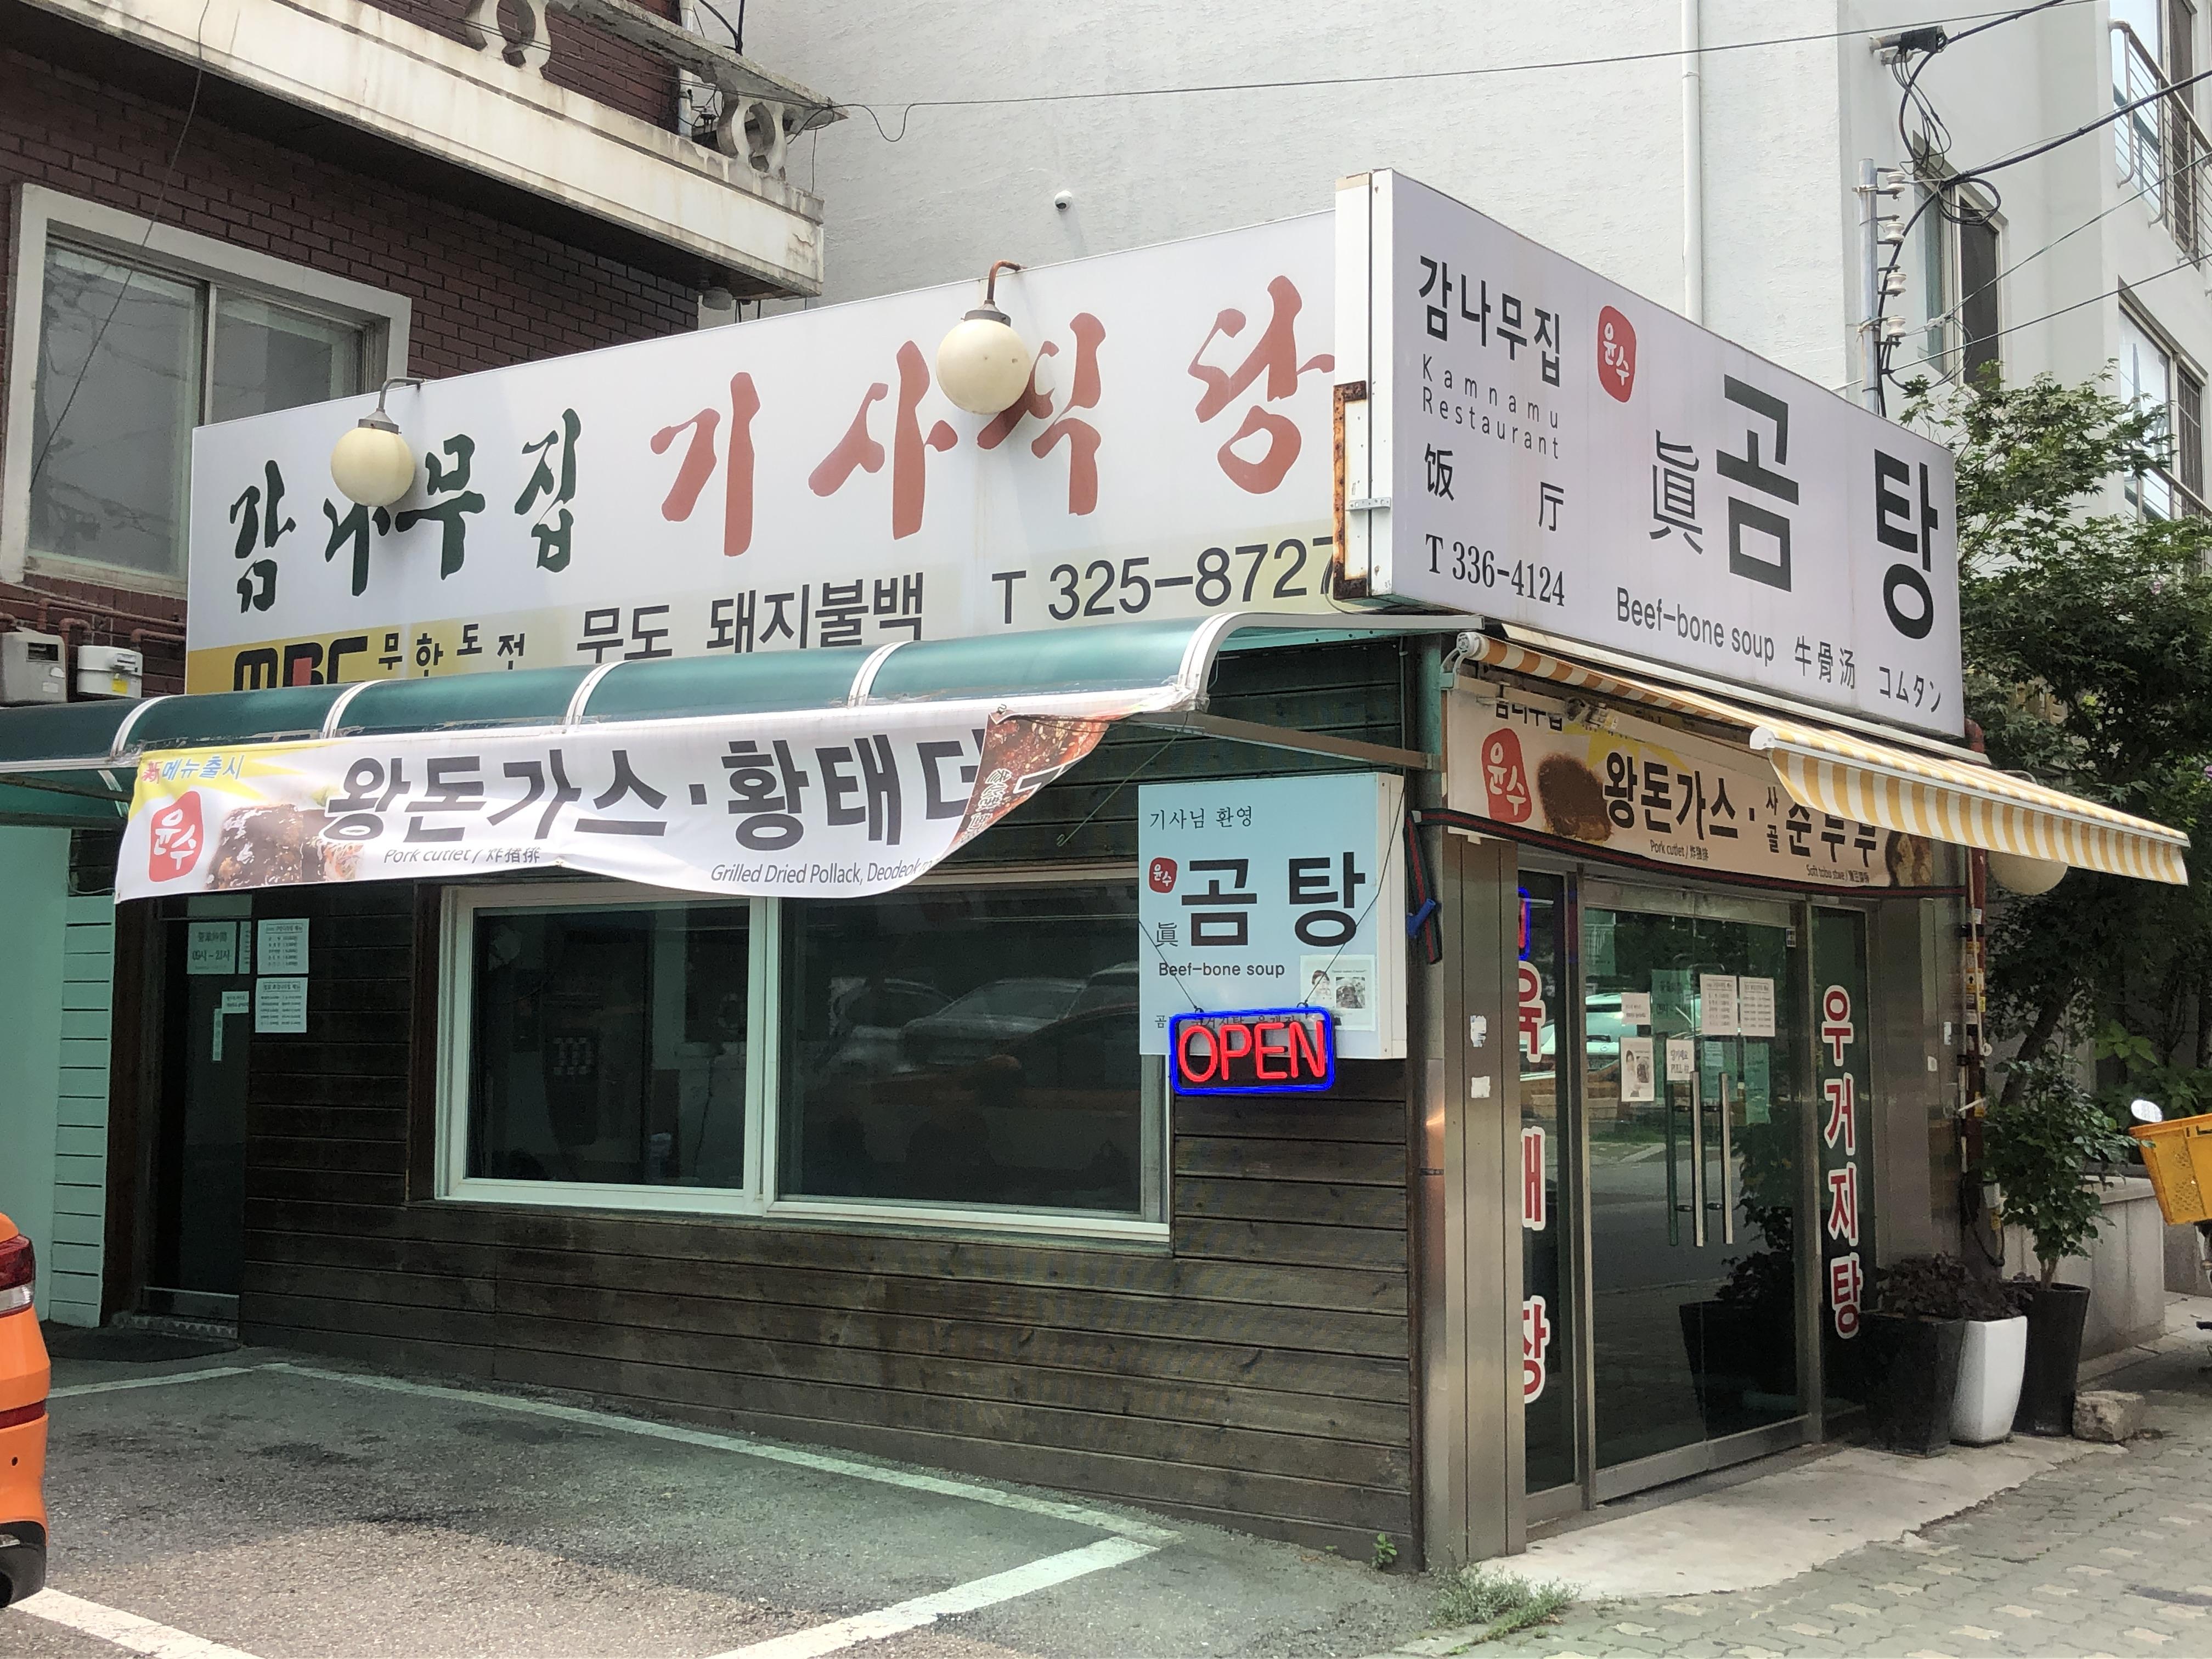 감나무집 기사식당 돼지불백 (2020.07.18)